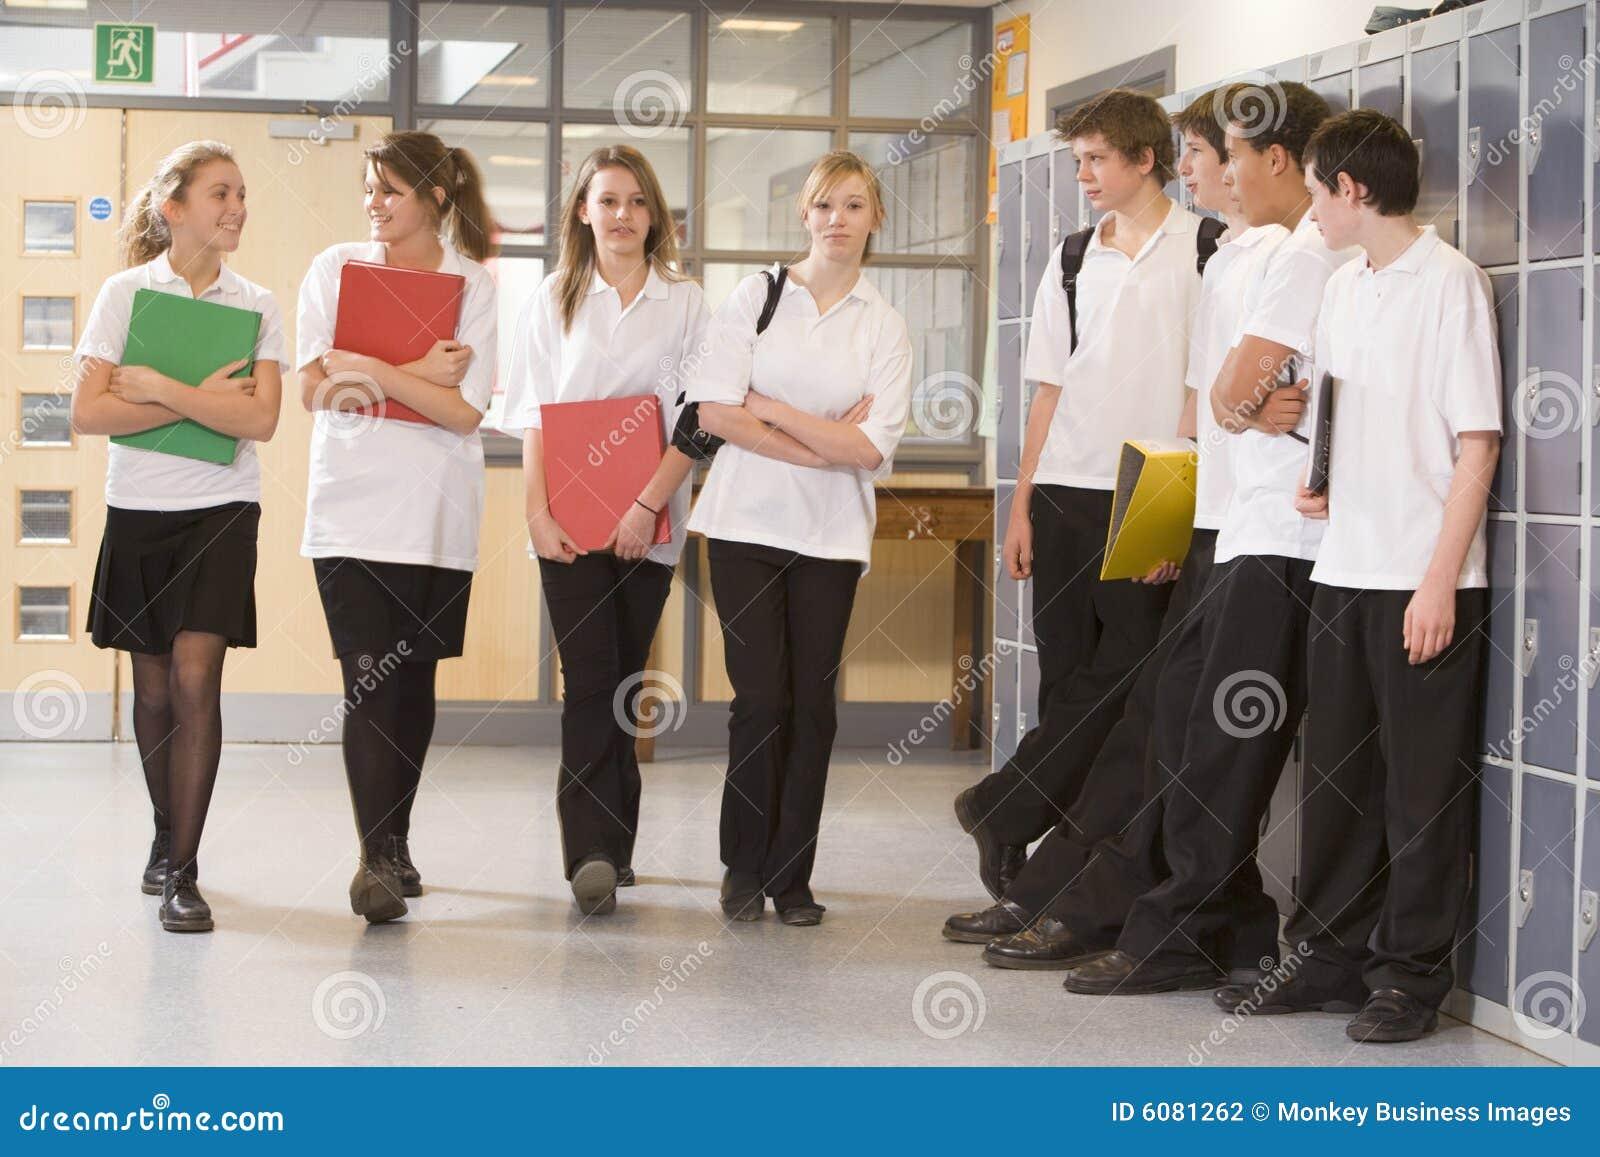 Chłopak w dół korytarza spacer dziewczyn patrzy nastolatków.